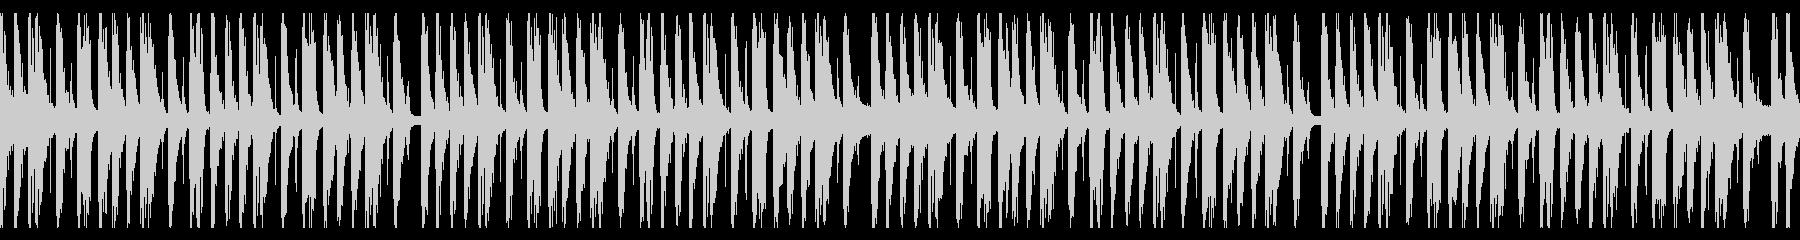 ファッションウィーク(ループ-30秒)の未再生の波形